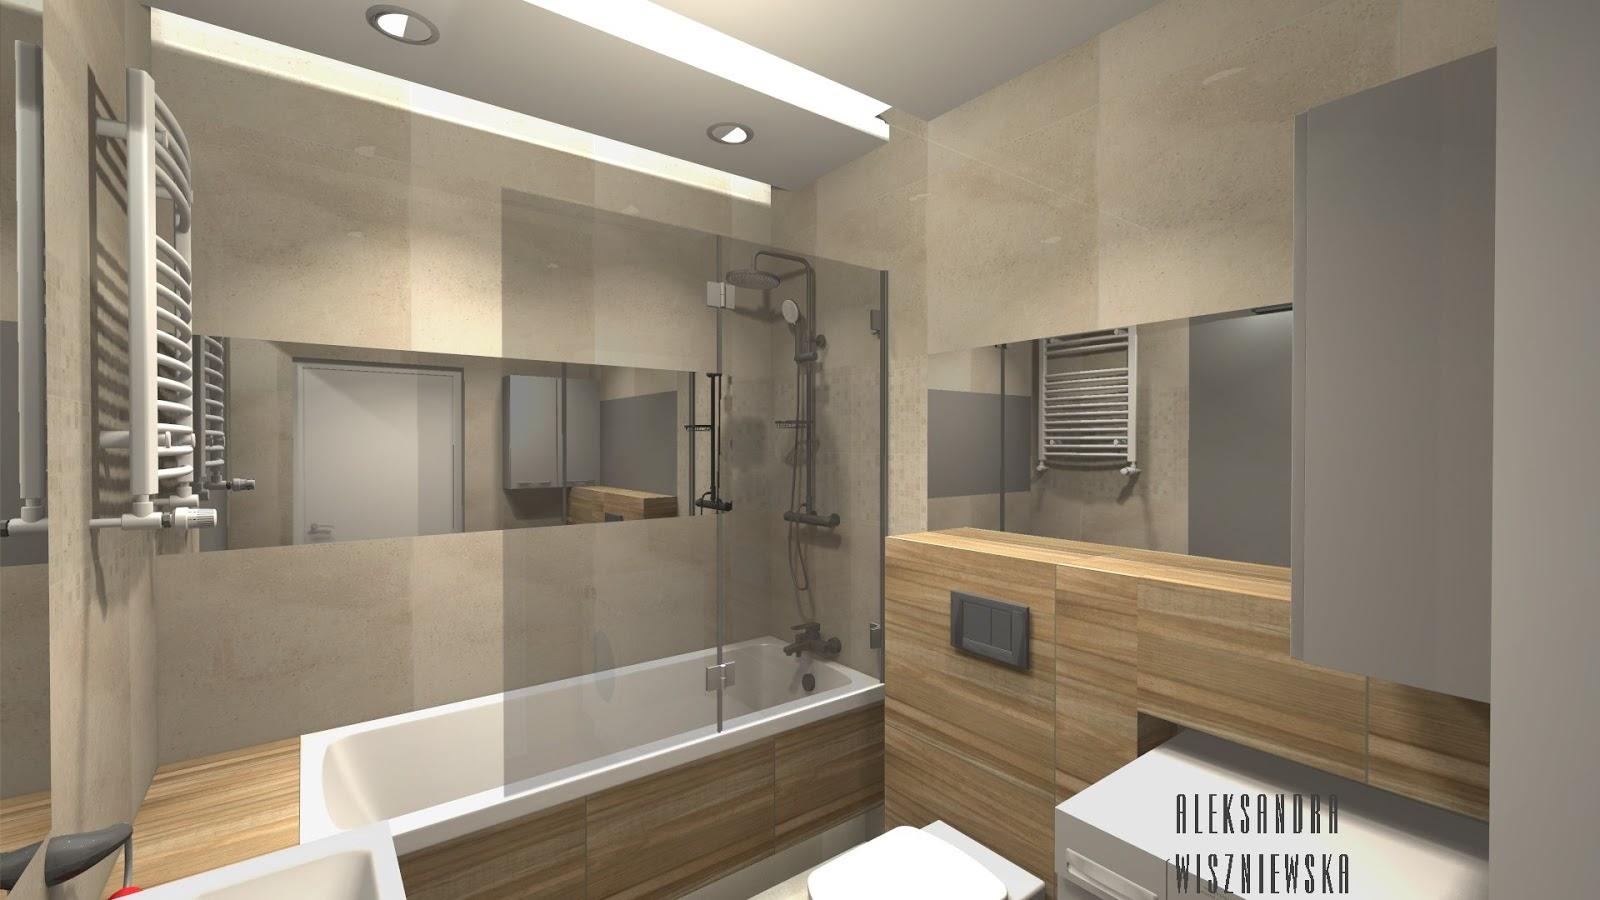 Projekty łazienek, wizualizacje: Tubądzin Sable + Exotic - Z WANNĄ